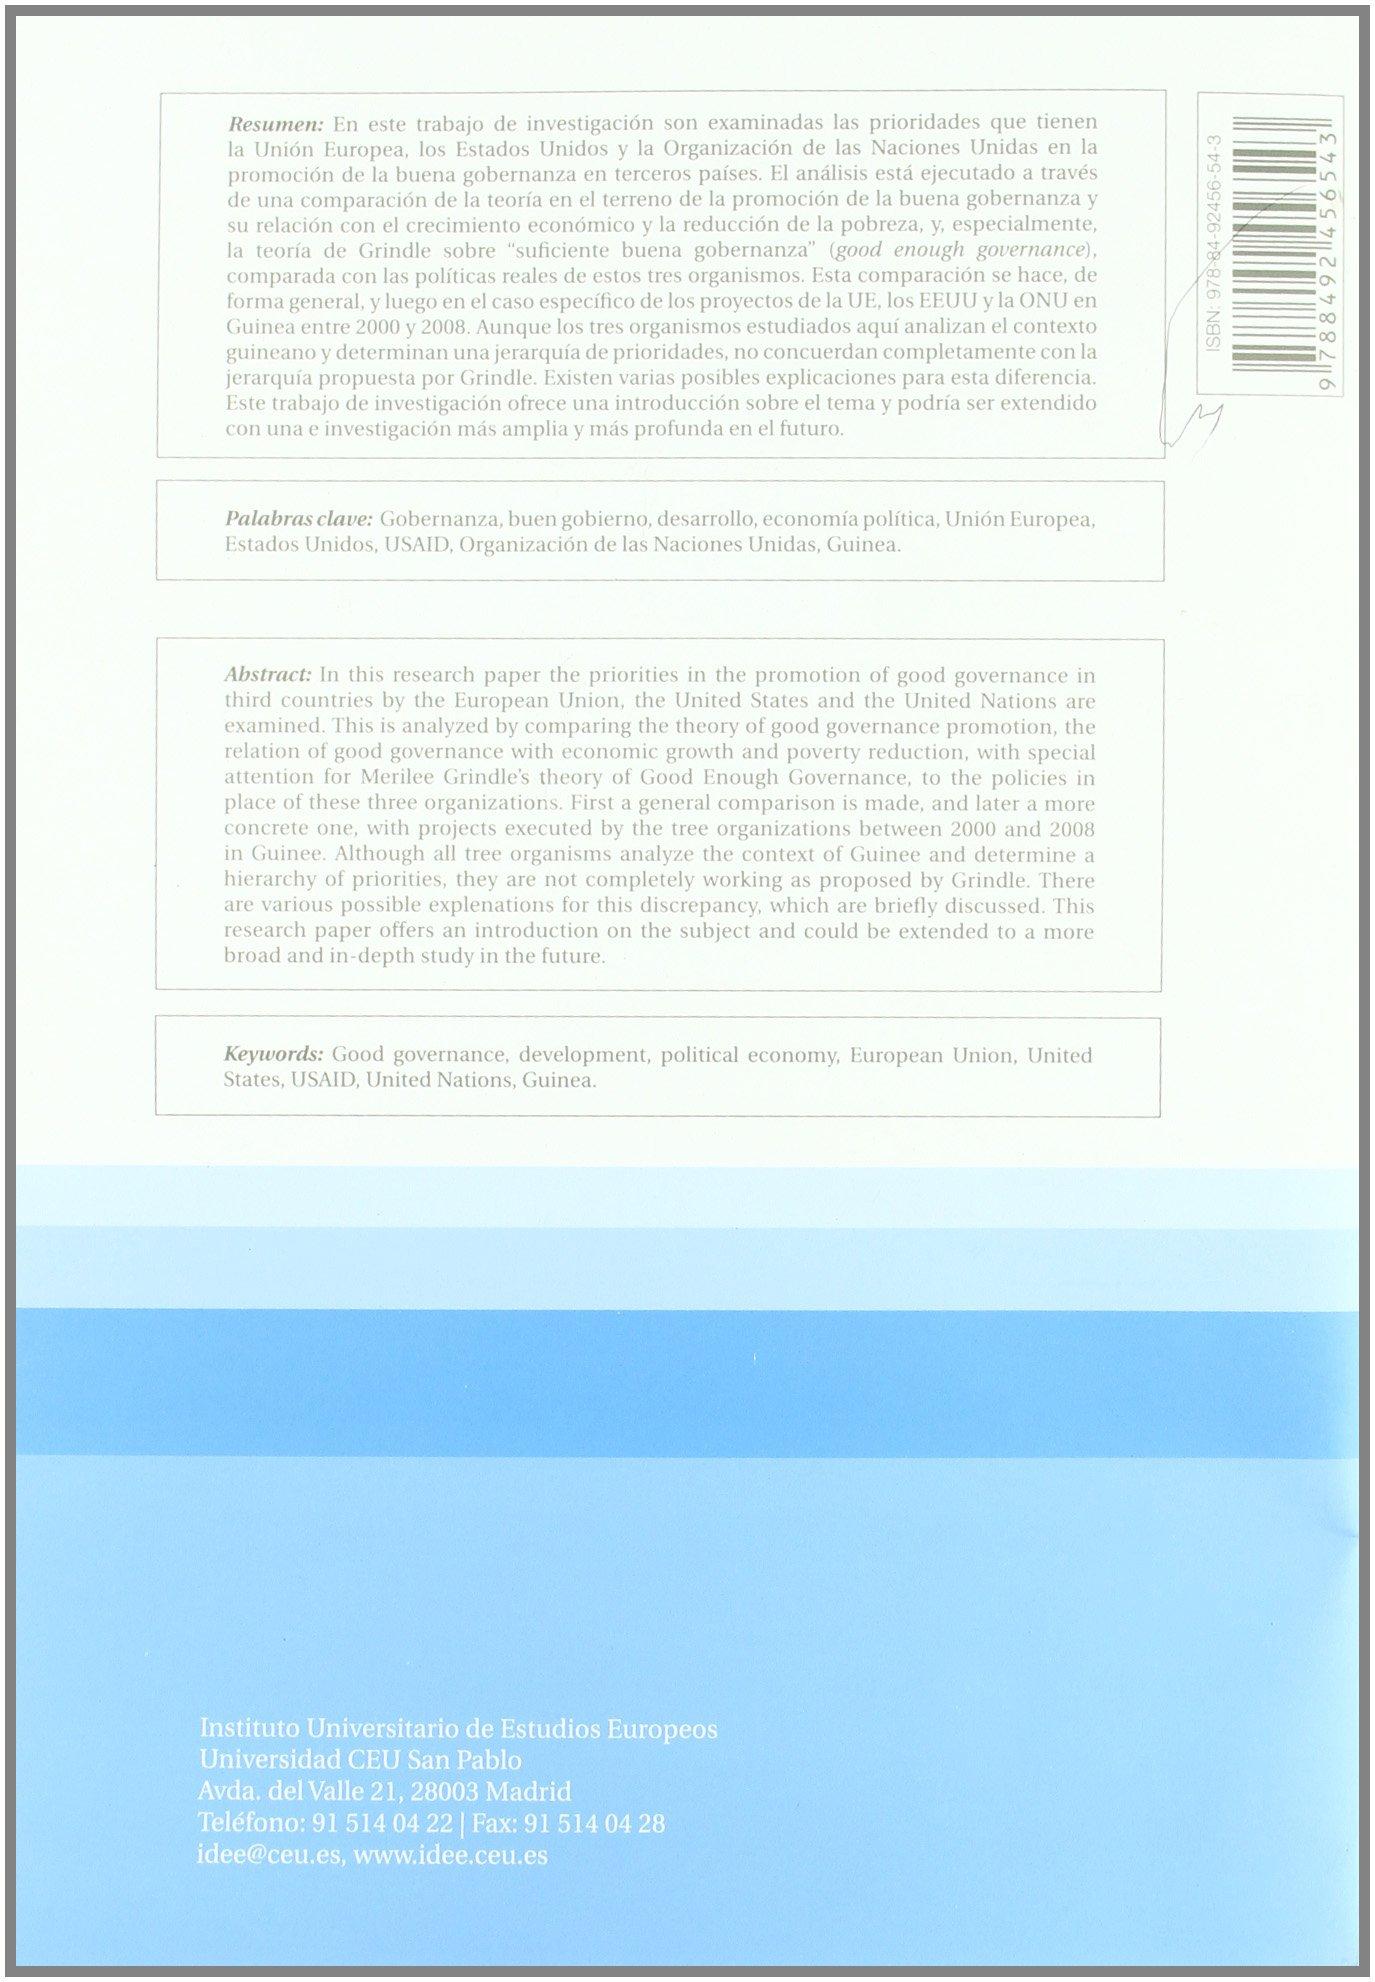 LA COOPERACION A MEDIDA: UN TRAJE PARA C: 9788492456543 ...